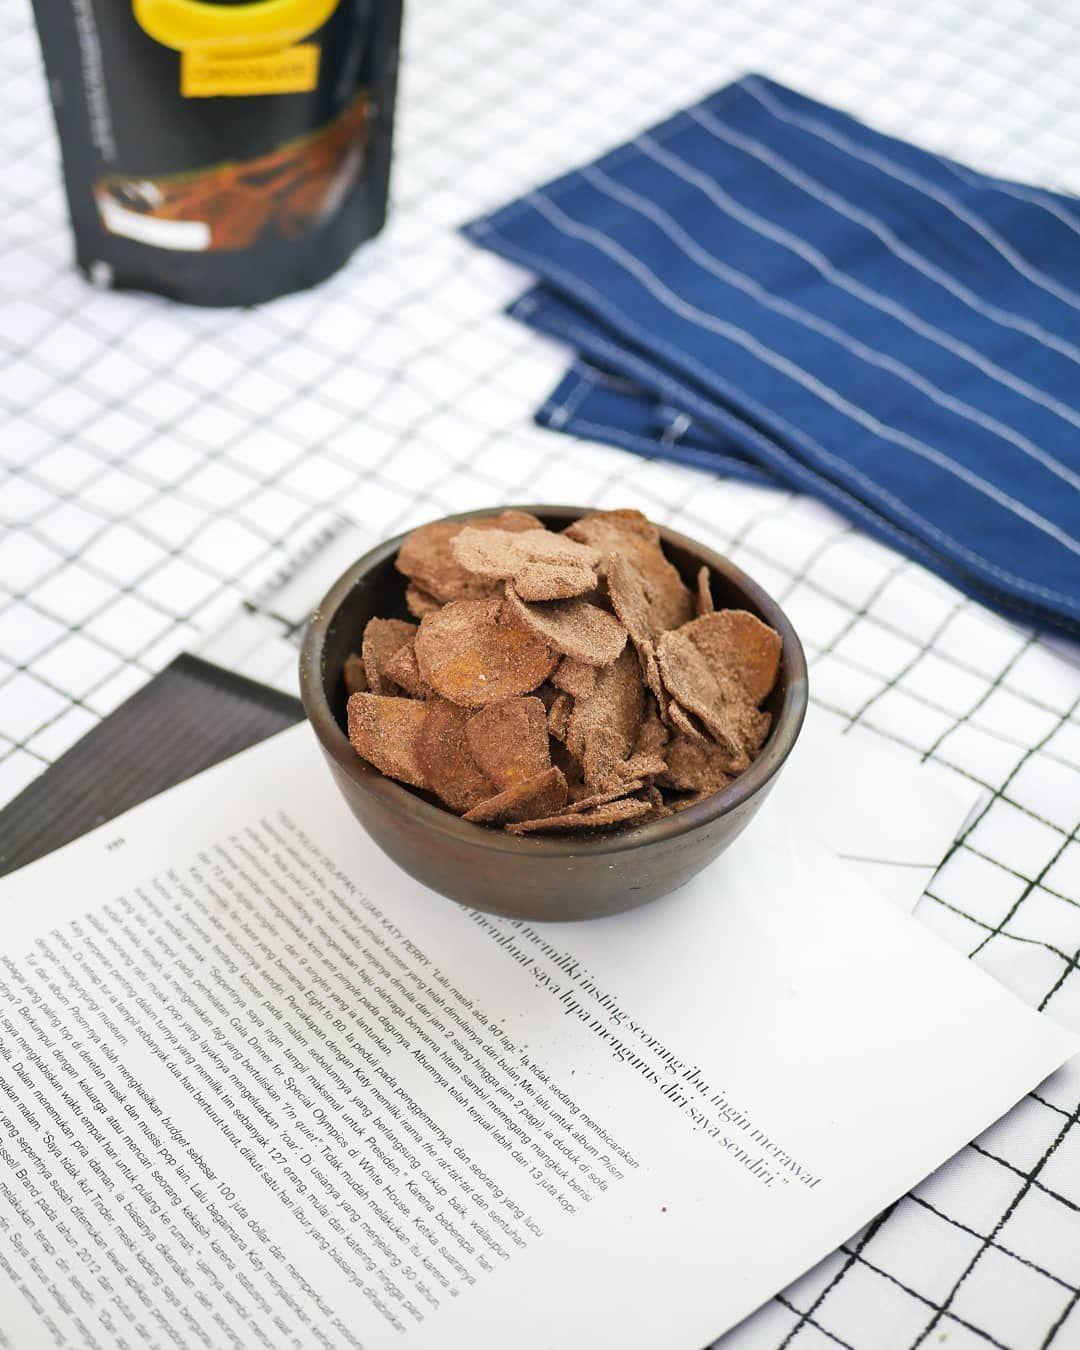 Rekomendasi Cemilan Kripik Pisang Dengan Bubuk Coklat Yang Gak Medit Sama Sekali Buat Rasa Silahkan Order Dan Coba Food Healthy Recipes Healthy